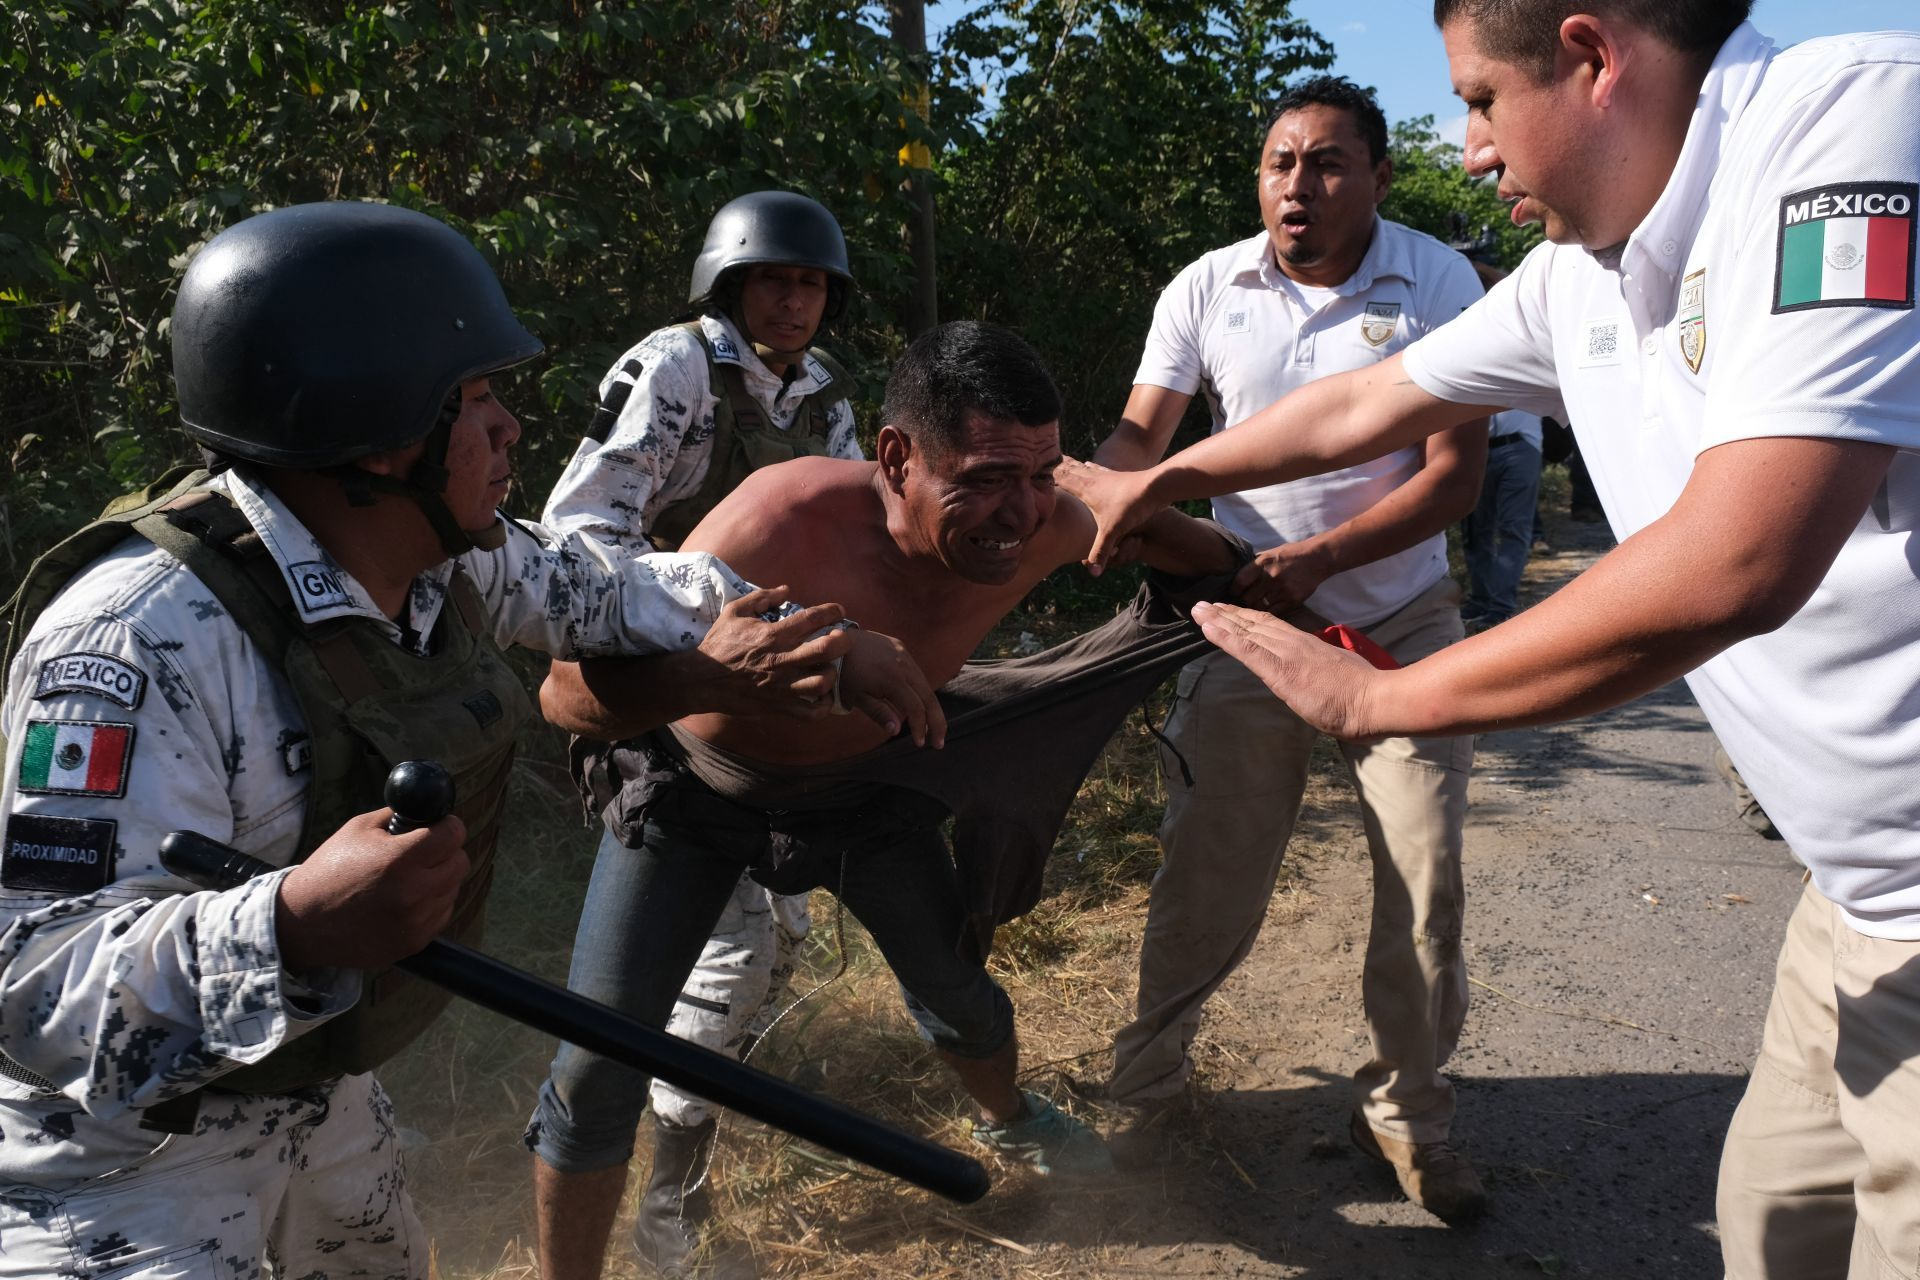 En México, la Guardia Nacional ha sido empleada para detener migrantes de Centroamérica